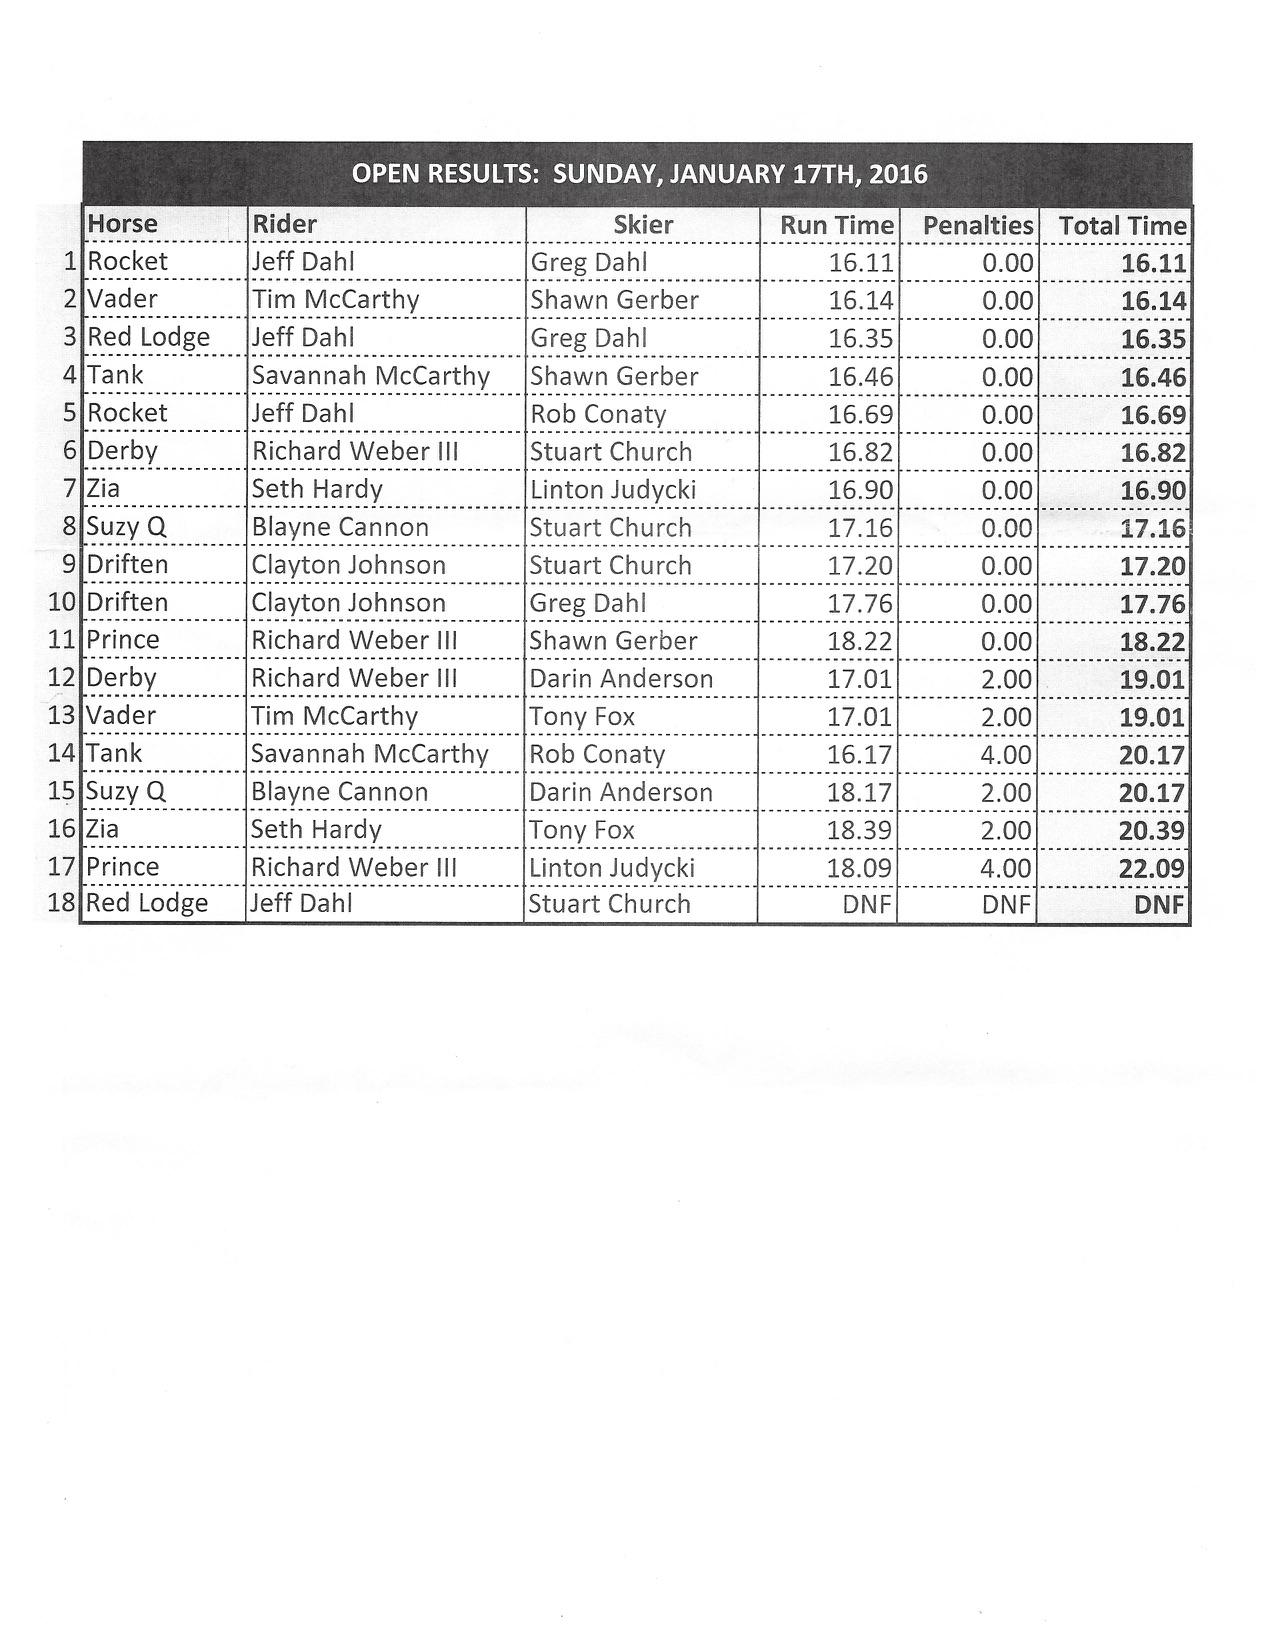 RRSJ Sun 011716 Open Results.jpg